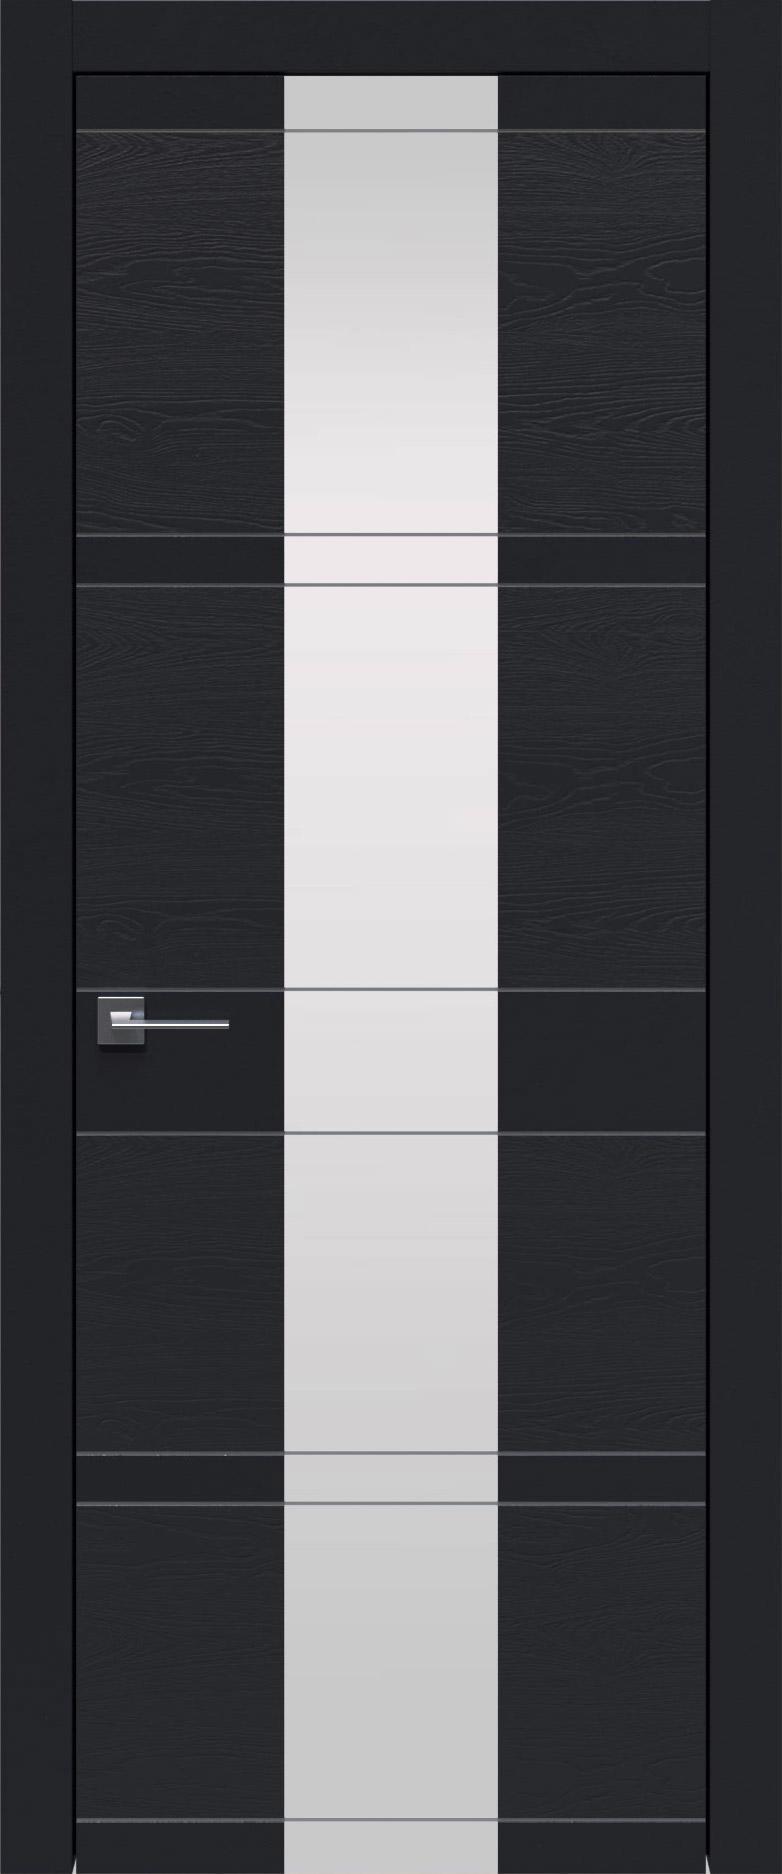 Tivoli Ж-2 цвет - Черная эмаль-эмаль по шпону (RAL 9004) Со стеклом (ДО)